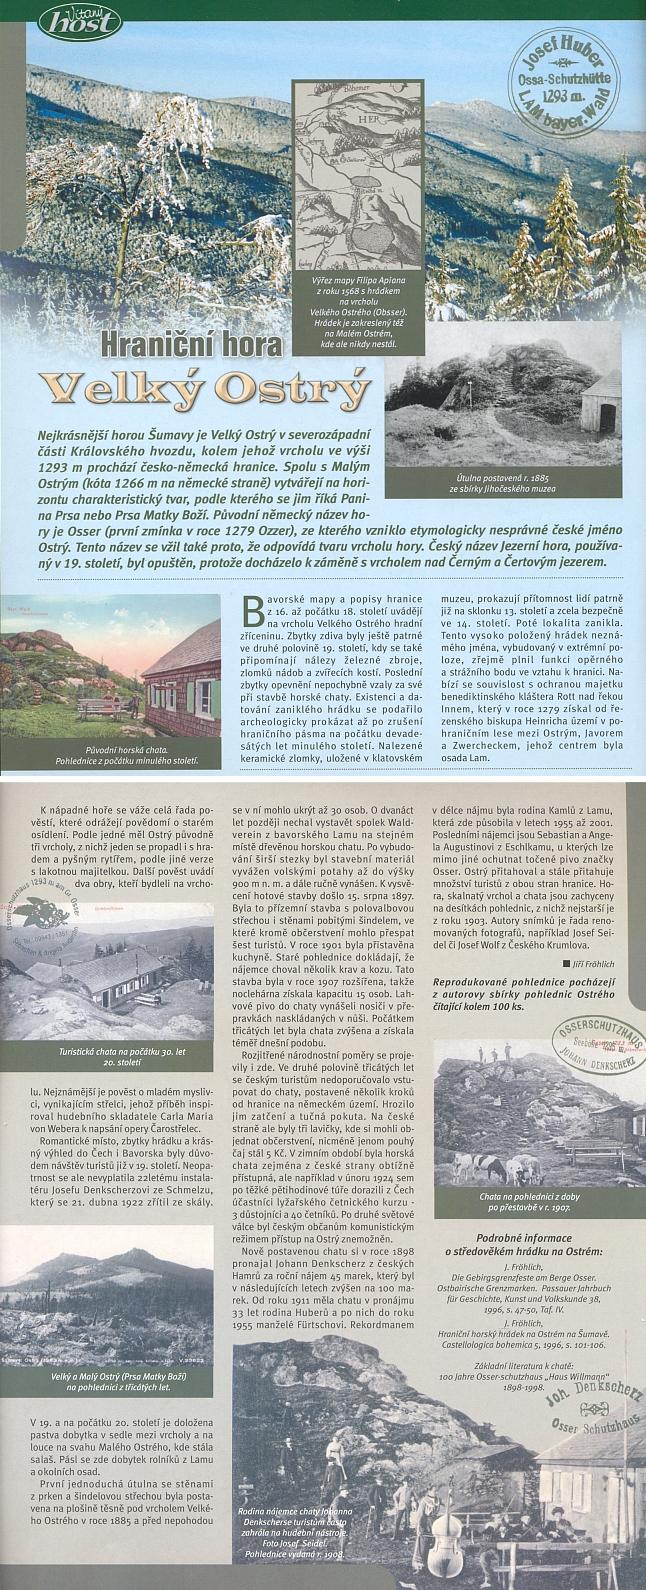 O hraniční hoře Ostrý v článku Jiřího Fröhlicha, doprovázeném ukázkami jeho sbírky pohlednic